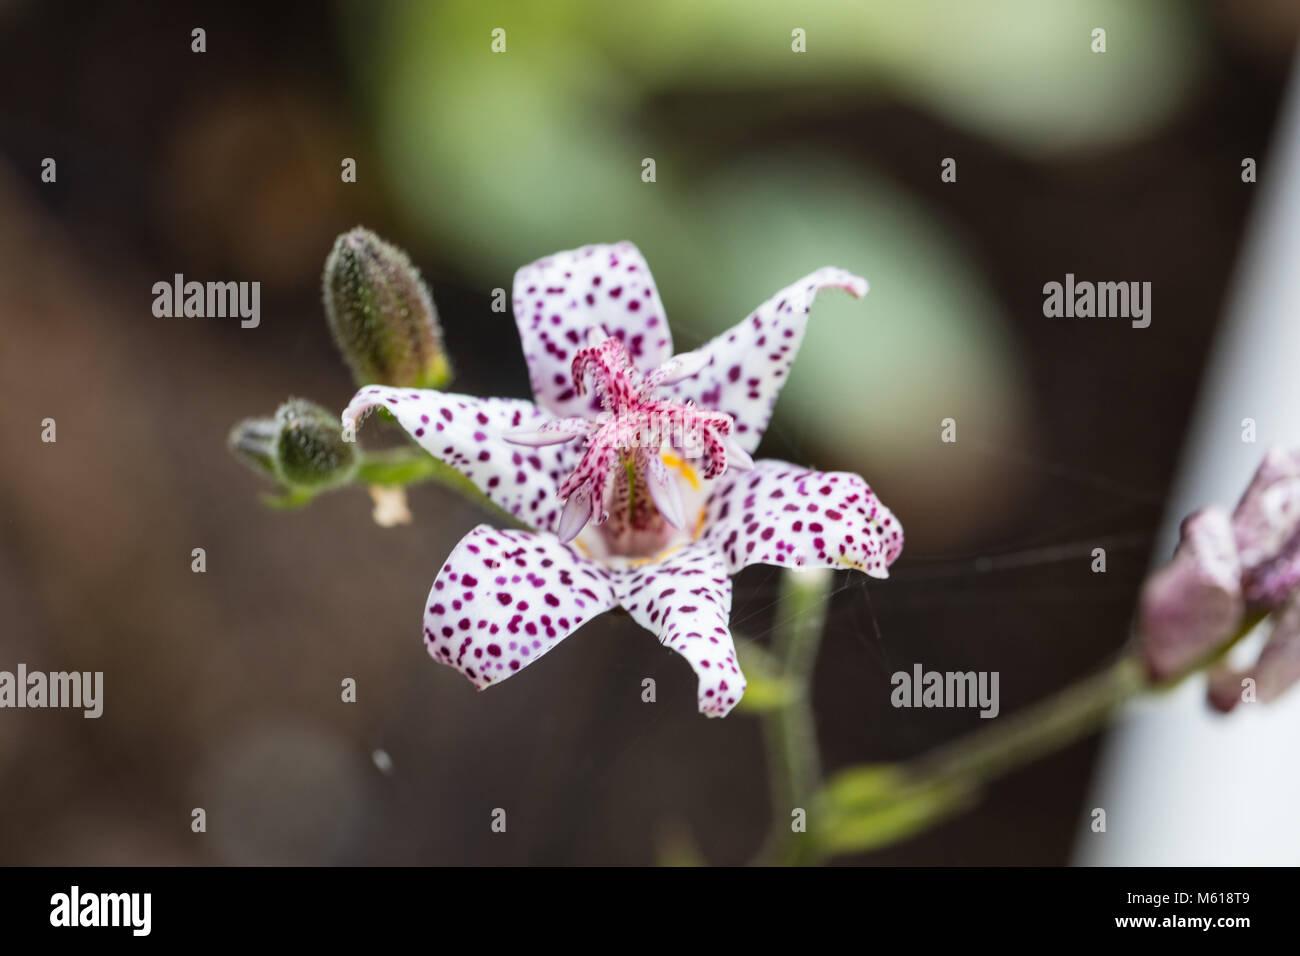 Japanische Krötenlilie Stockfotos & Japanische Krötenlilie Bilder ...